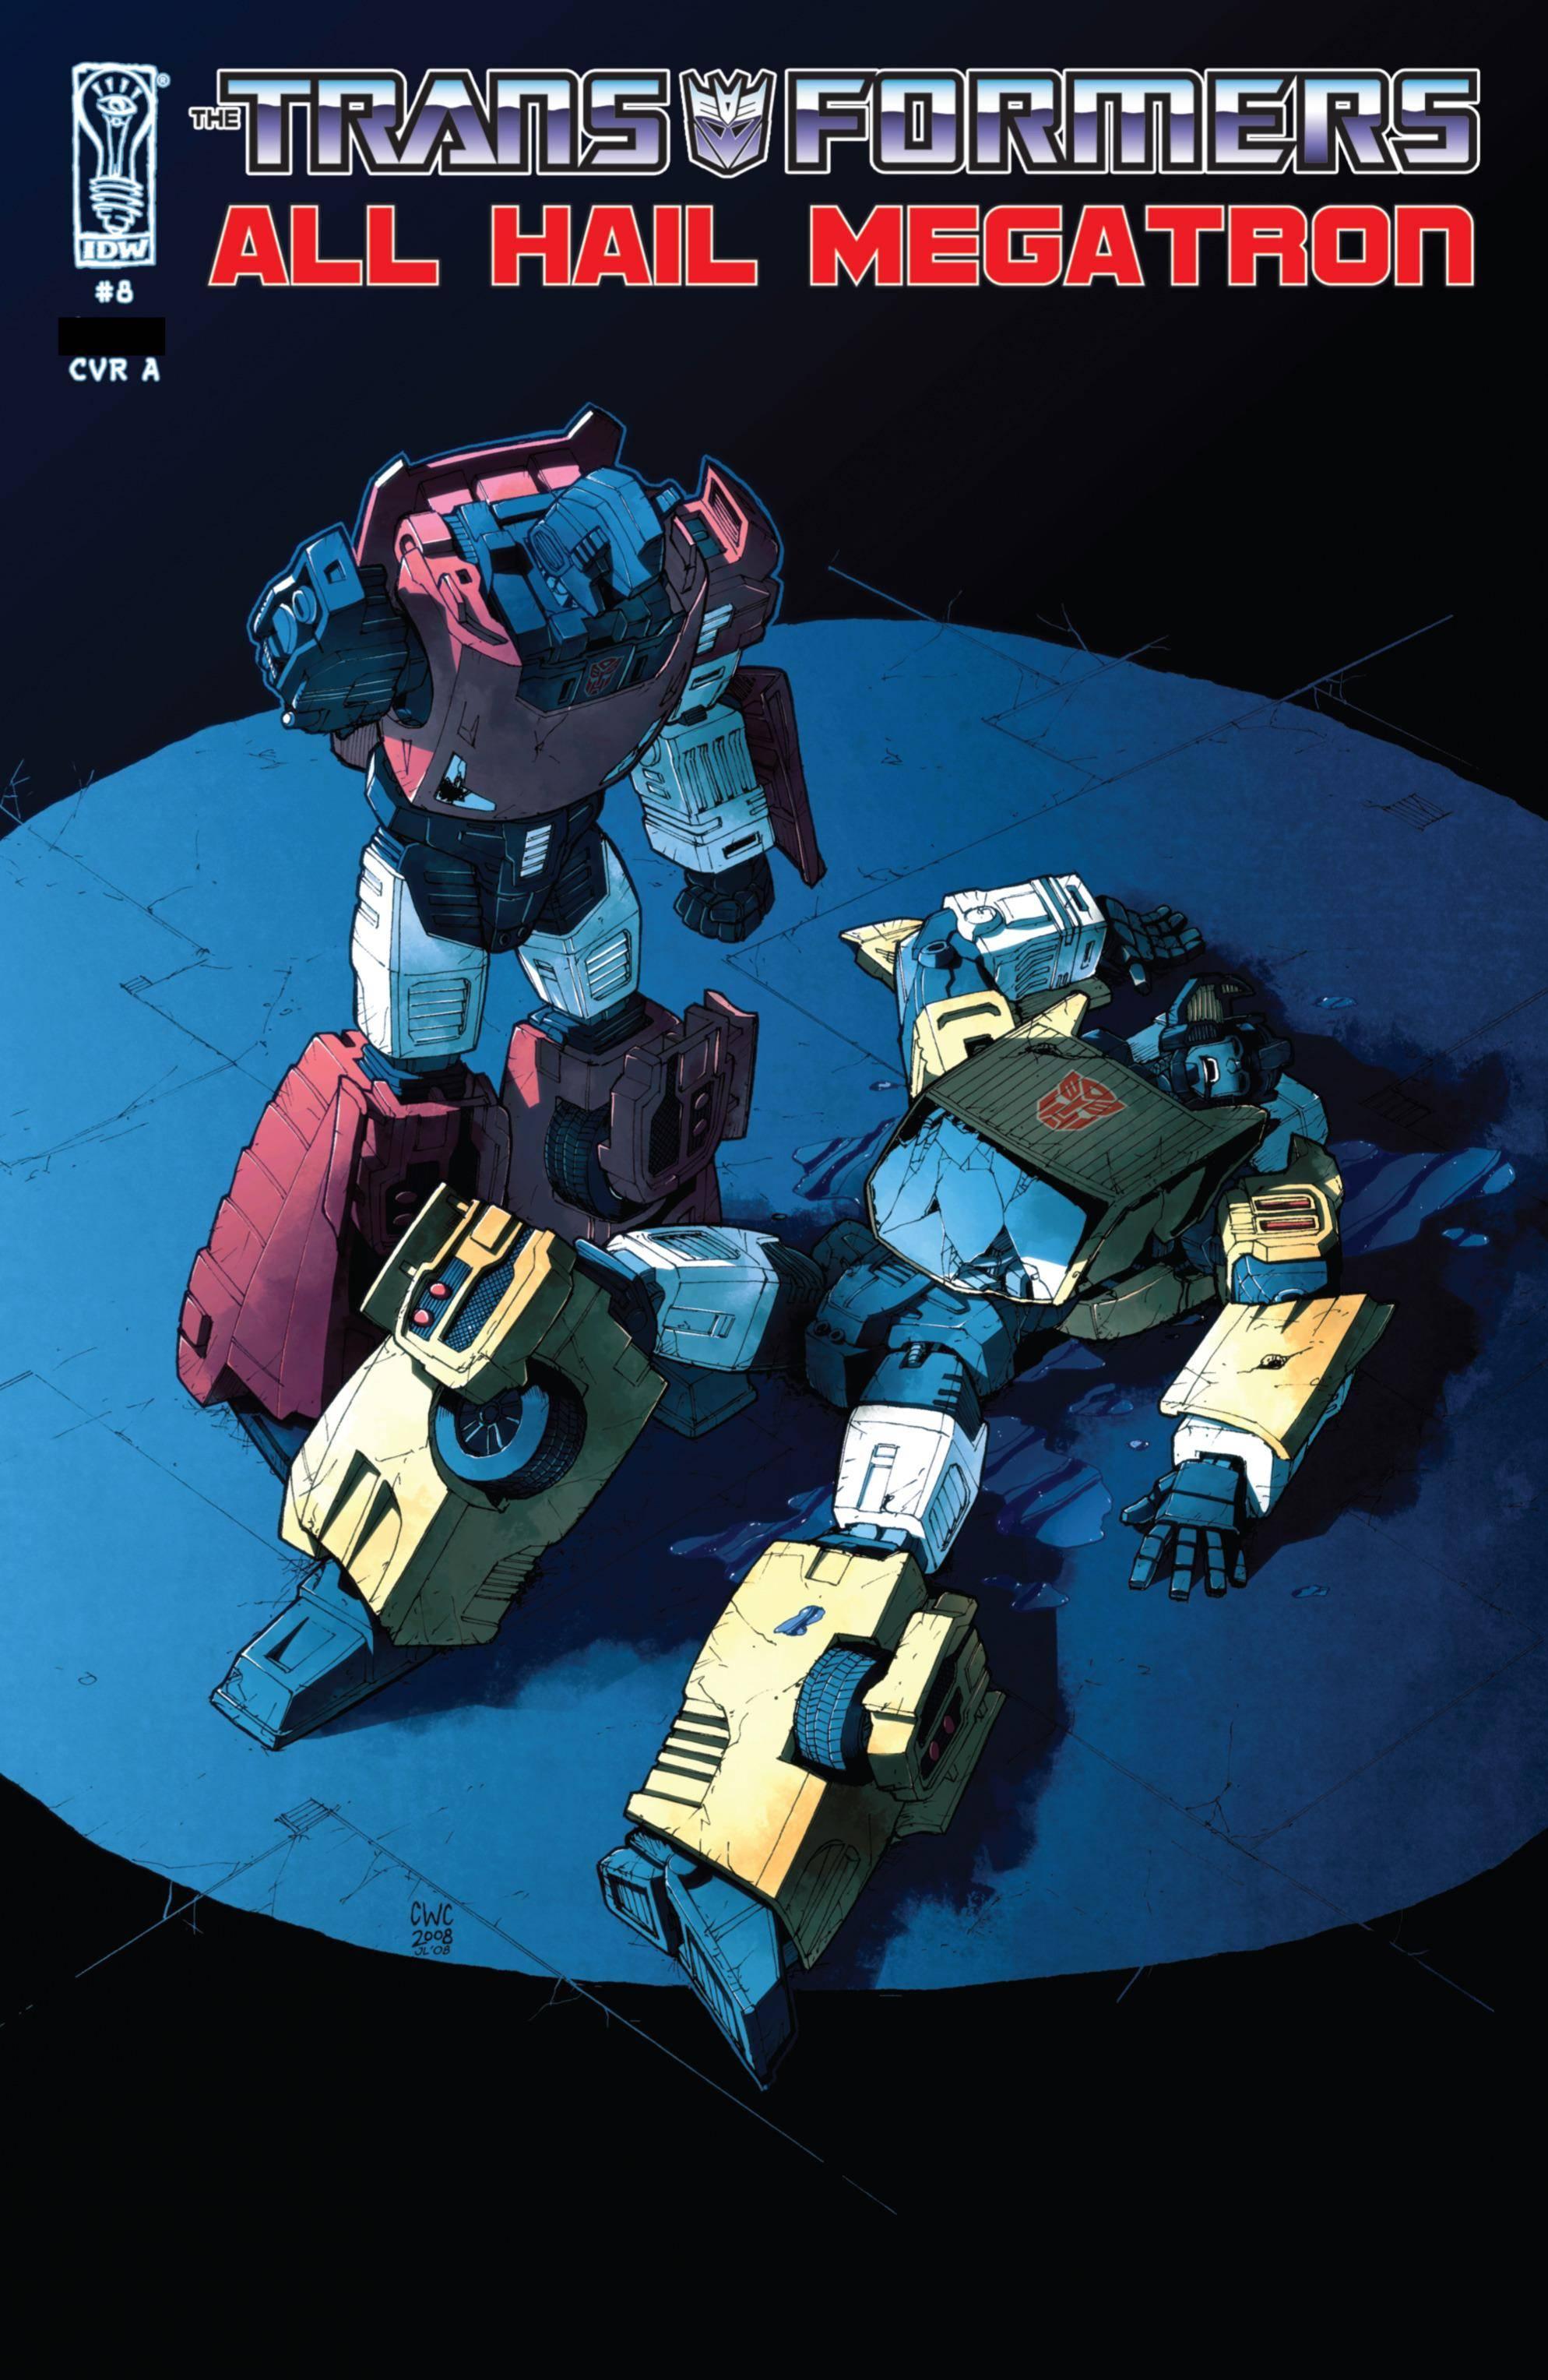 Transformers-All.Hail.Megatron.008.2009.Digital.Asgard-Empire